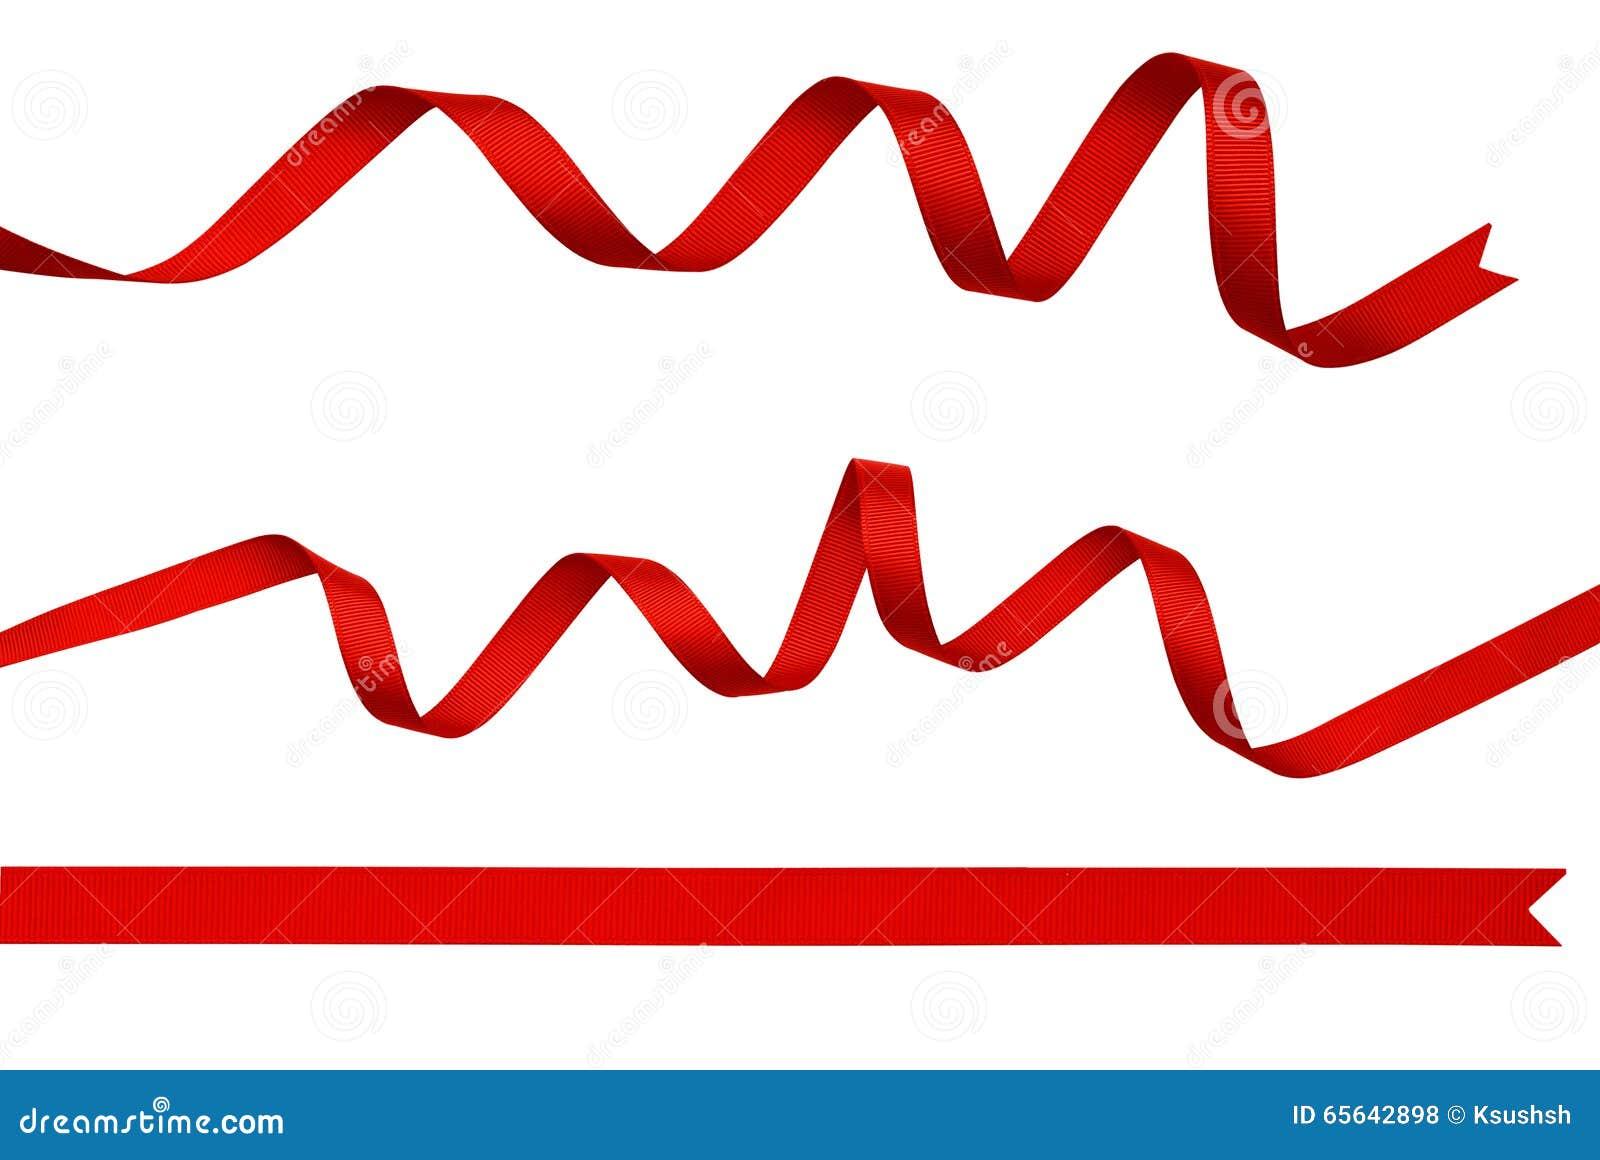 Ensemble de rubans en soie rouges